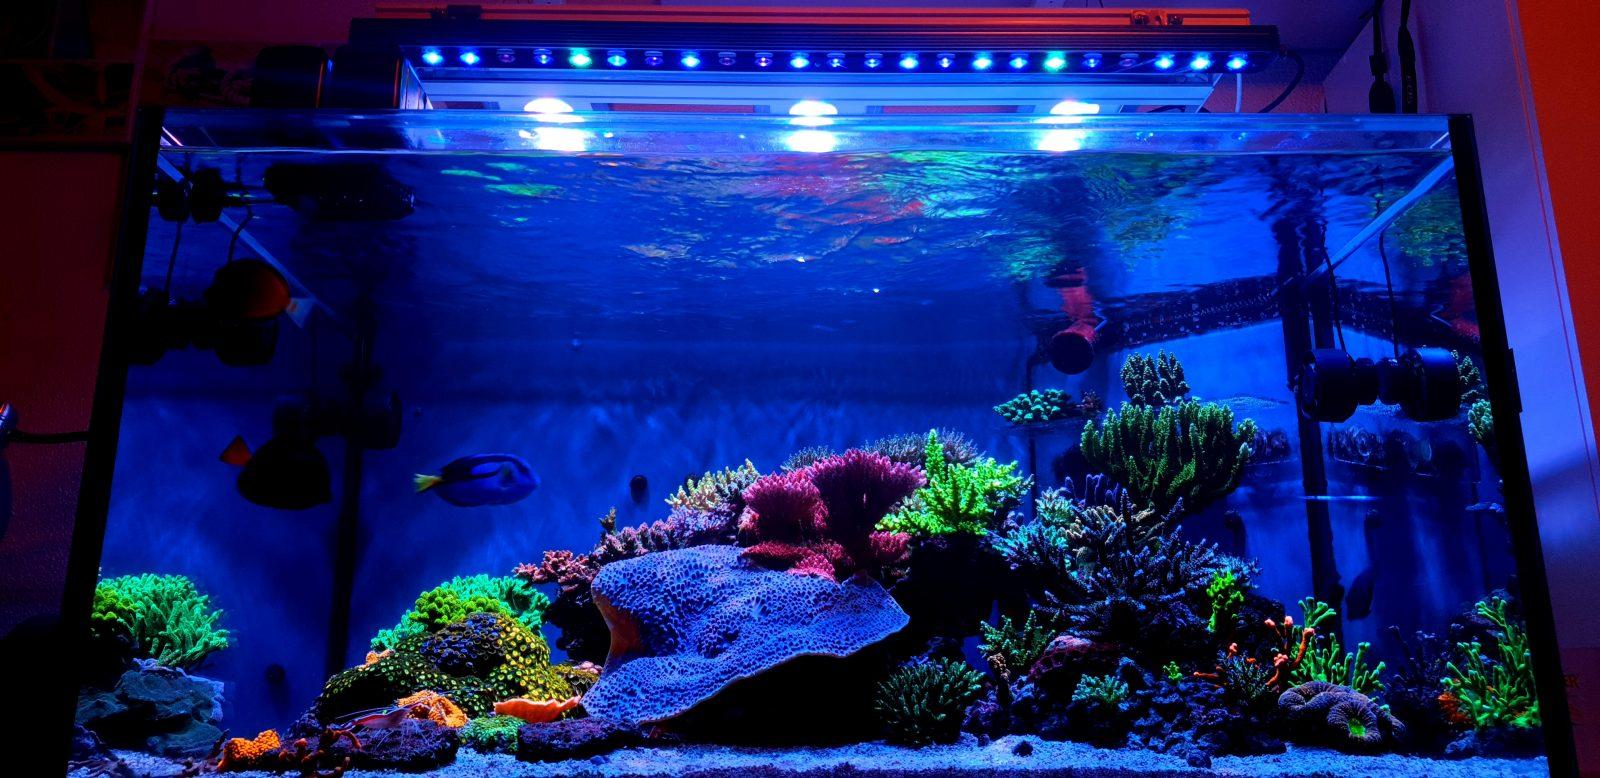 Greben_Akvarij_OR3_LED_Bar_Coral_POP